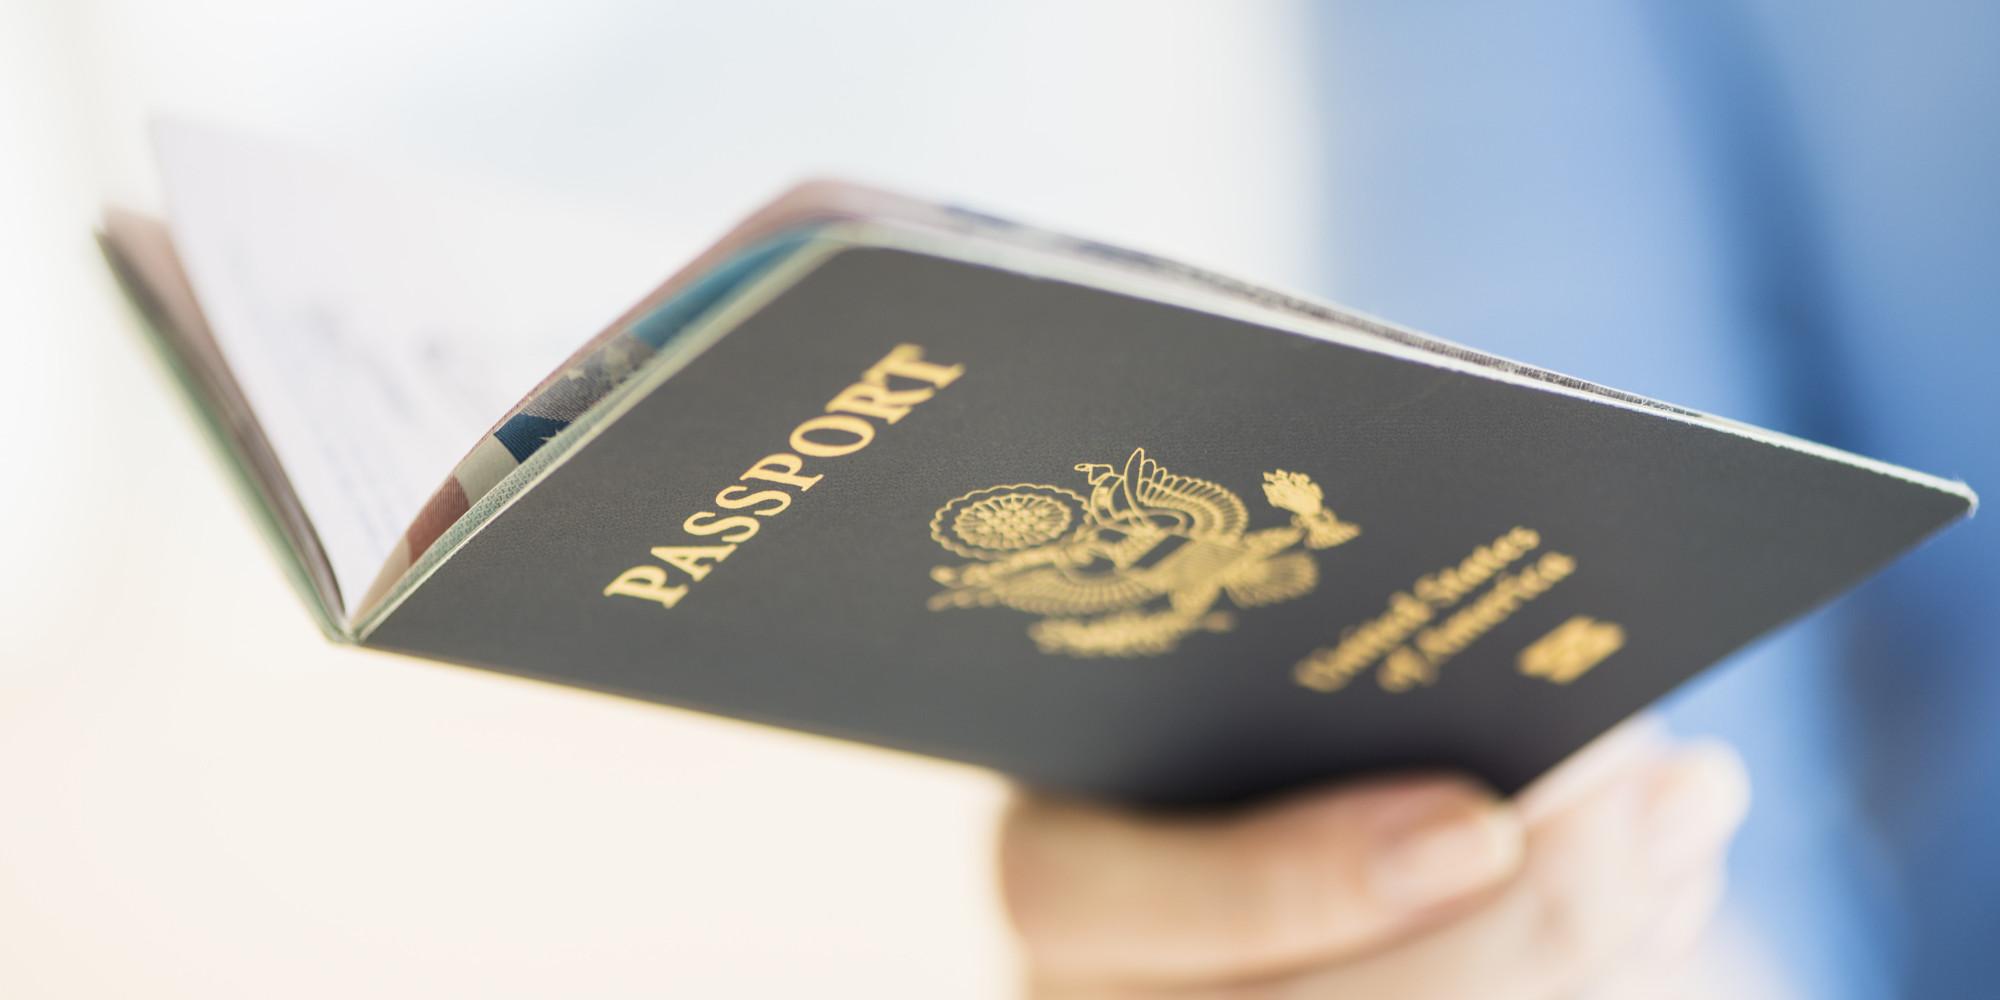 2.passport